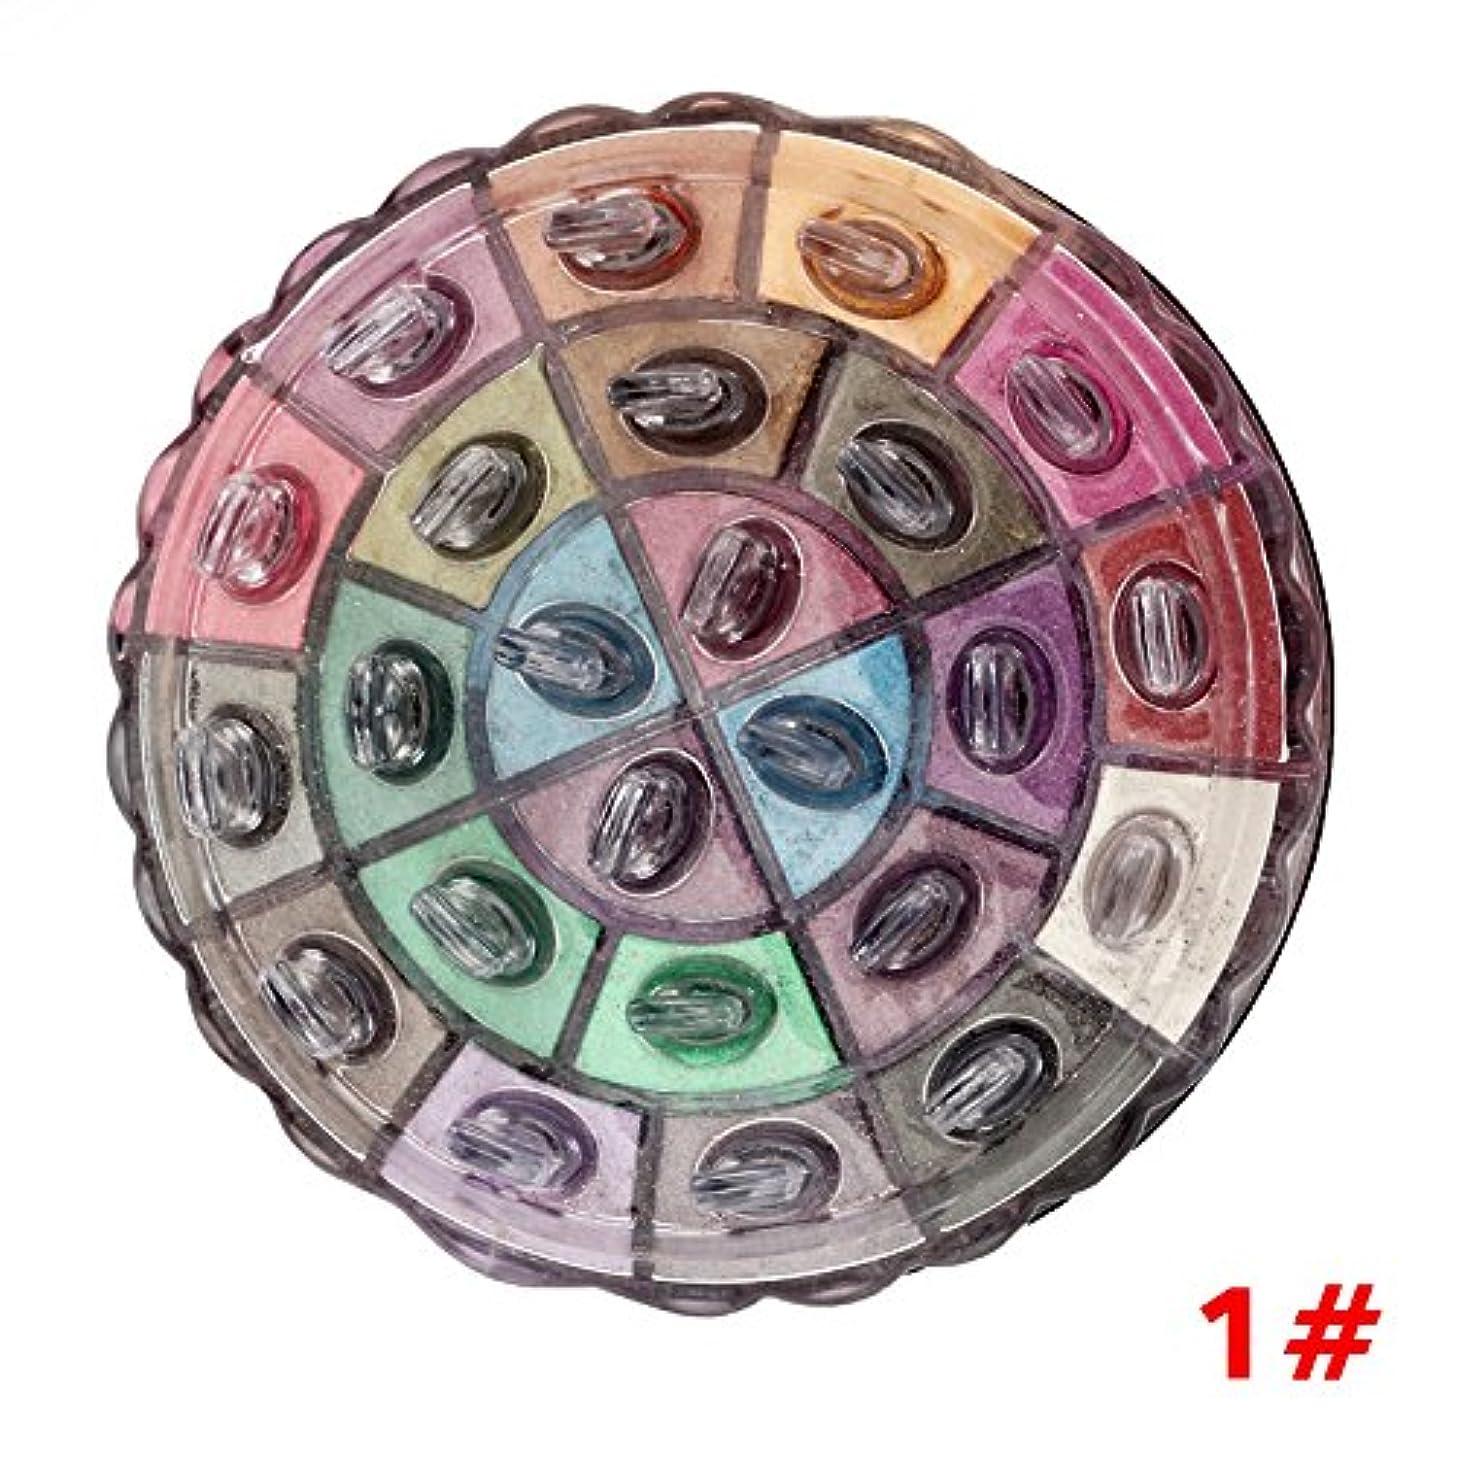 世紀祭司円形24 colors glitter eyeshadow アイシャドウ powder naked palette dark smoky eyes flower mineral pigment shimmer eye shadow palette make up (#1)